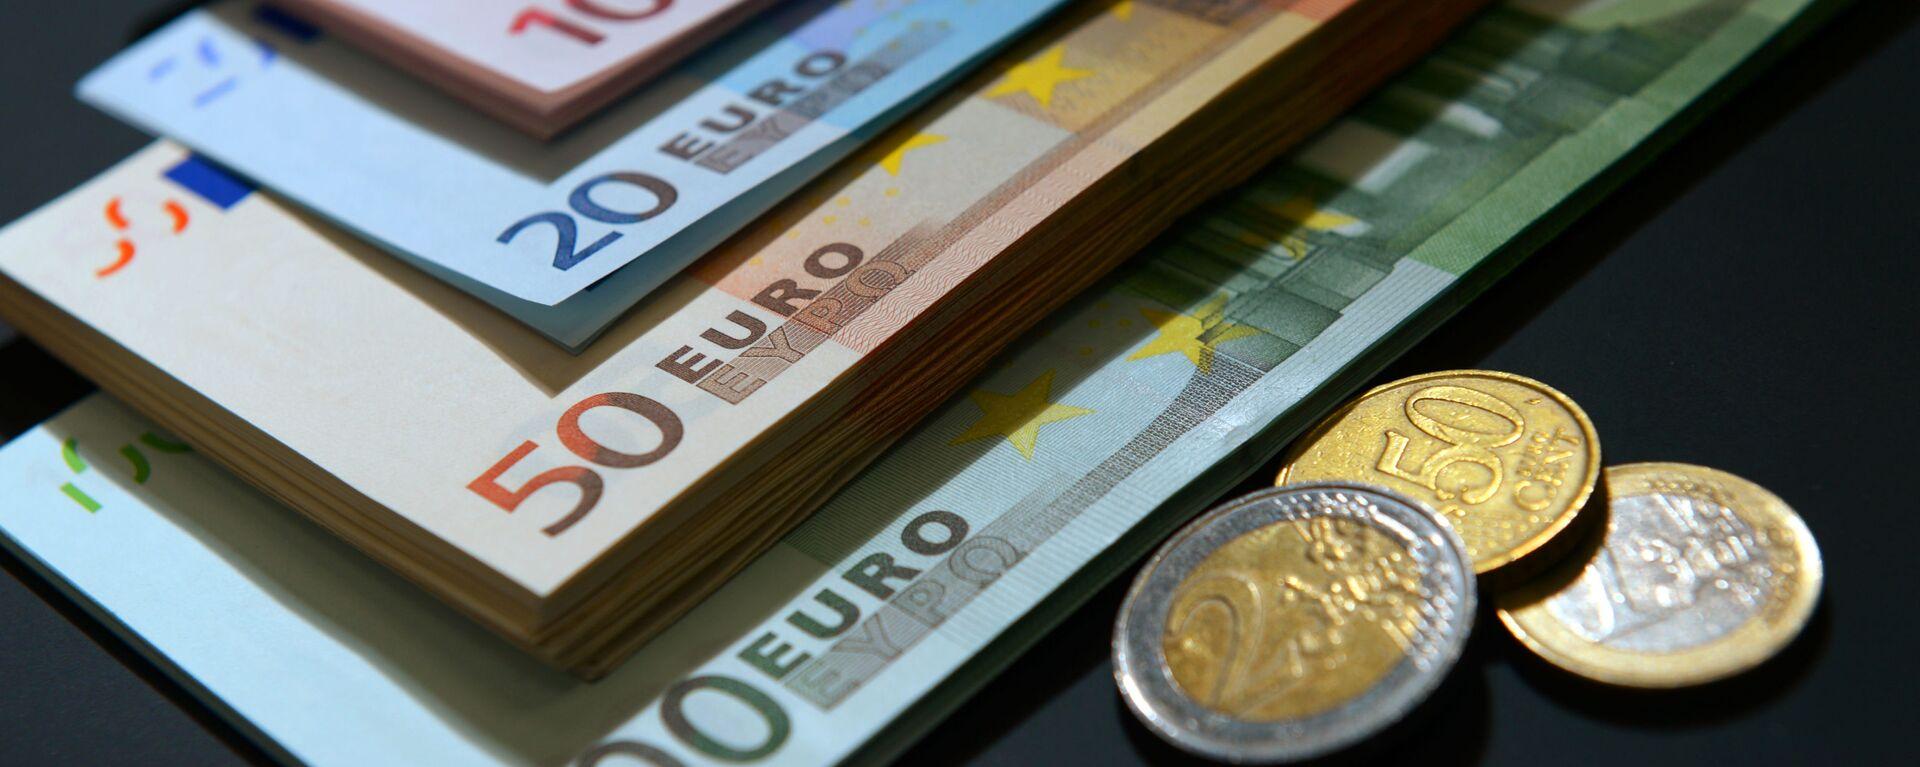 Купюры и монеты евро разного номинала. - Sputnik Латвия, 1920, 10.06.2021